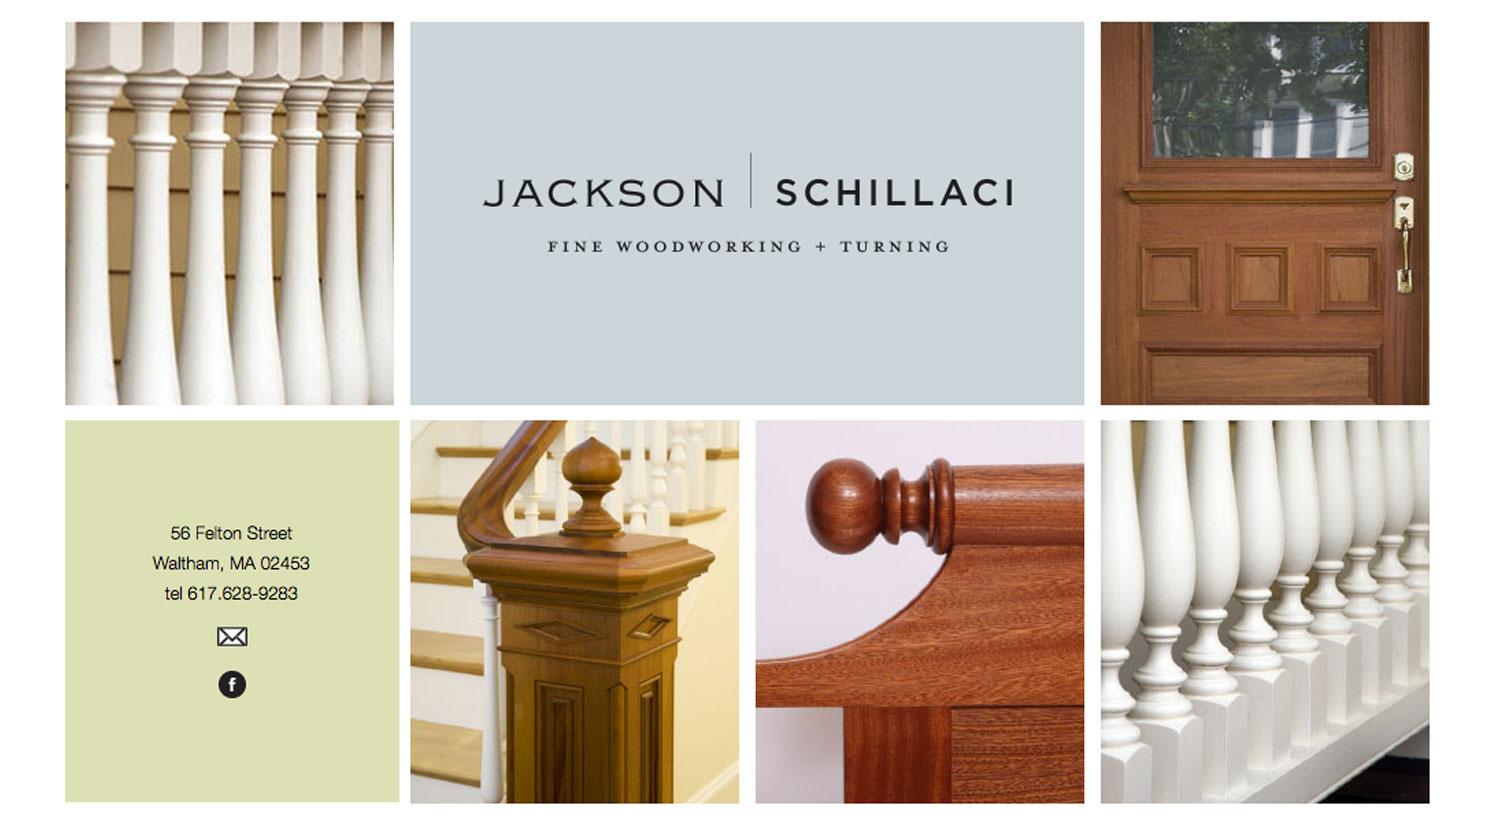 Web_Jackson_Schilaci.jpg